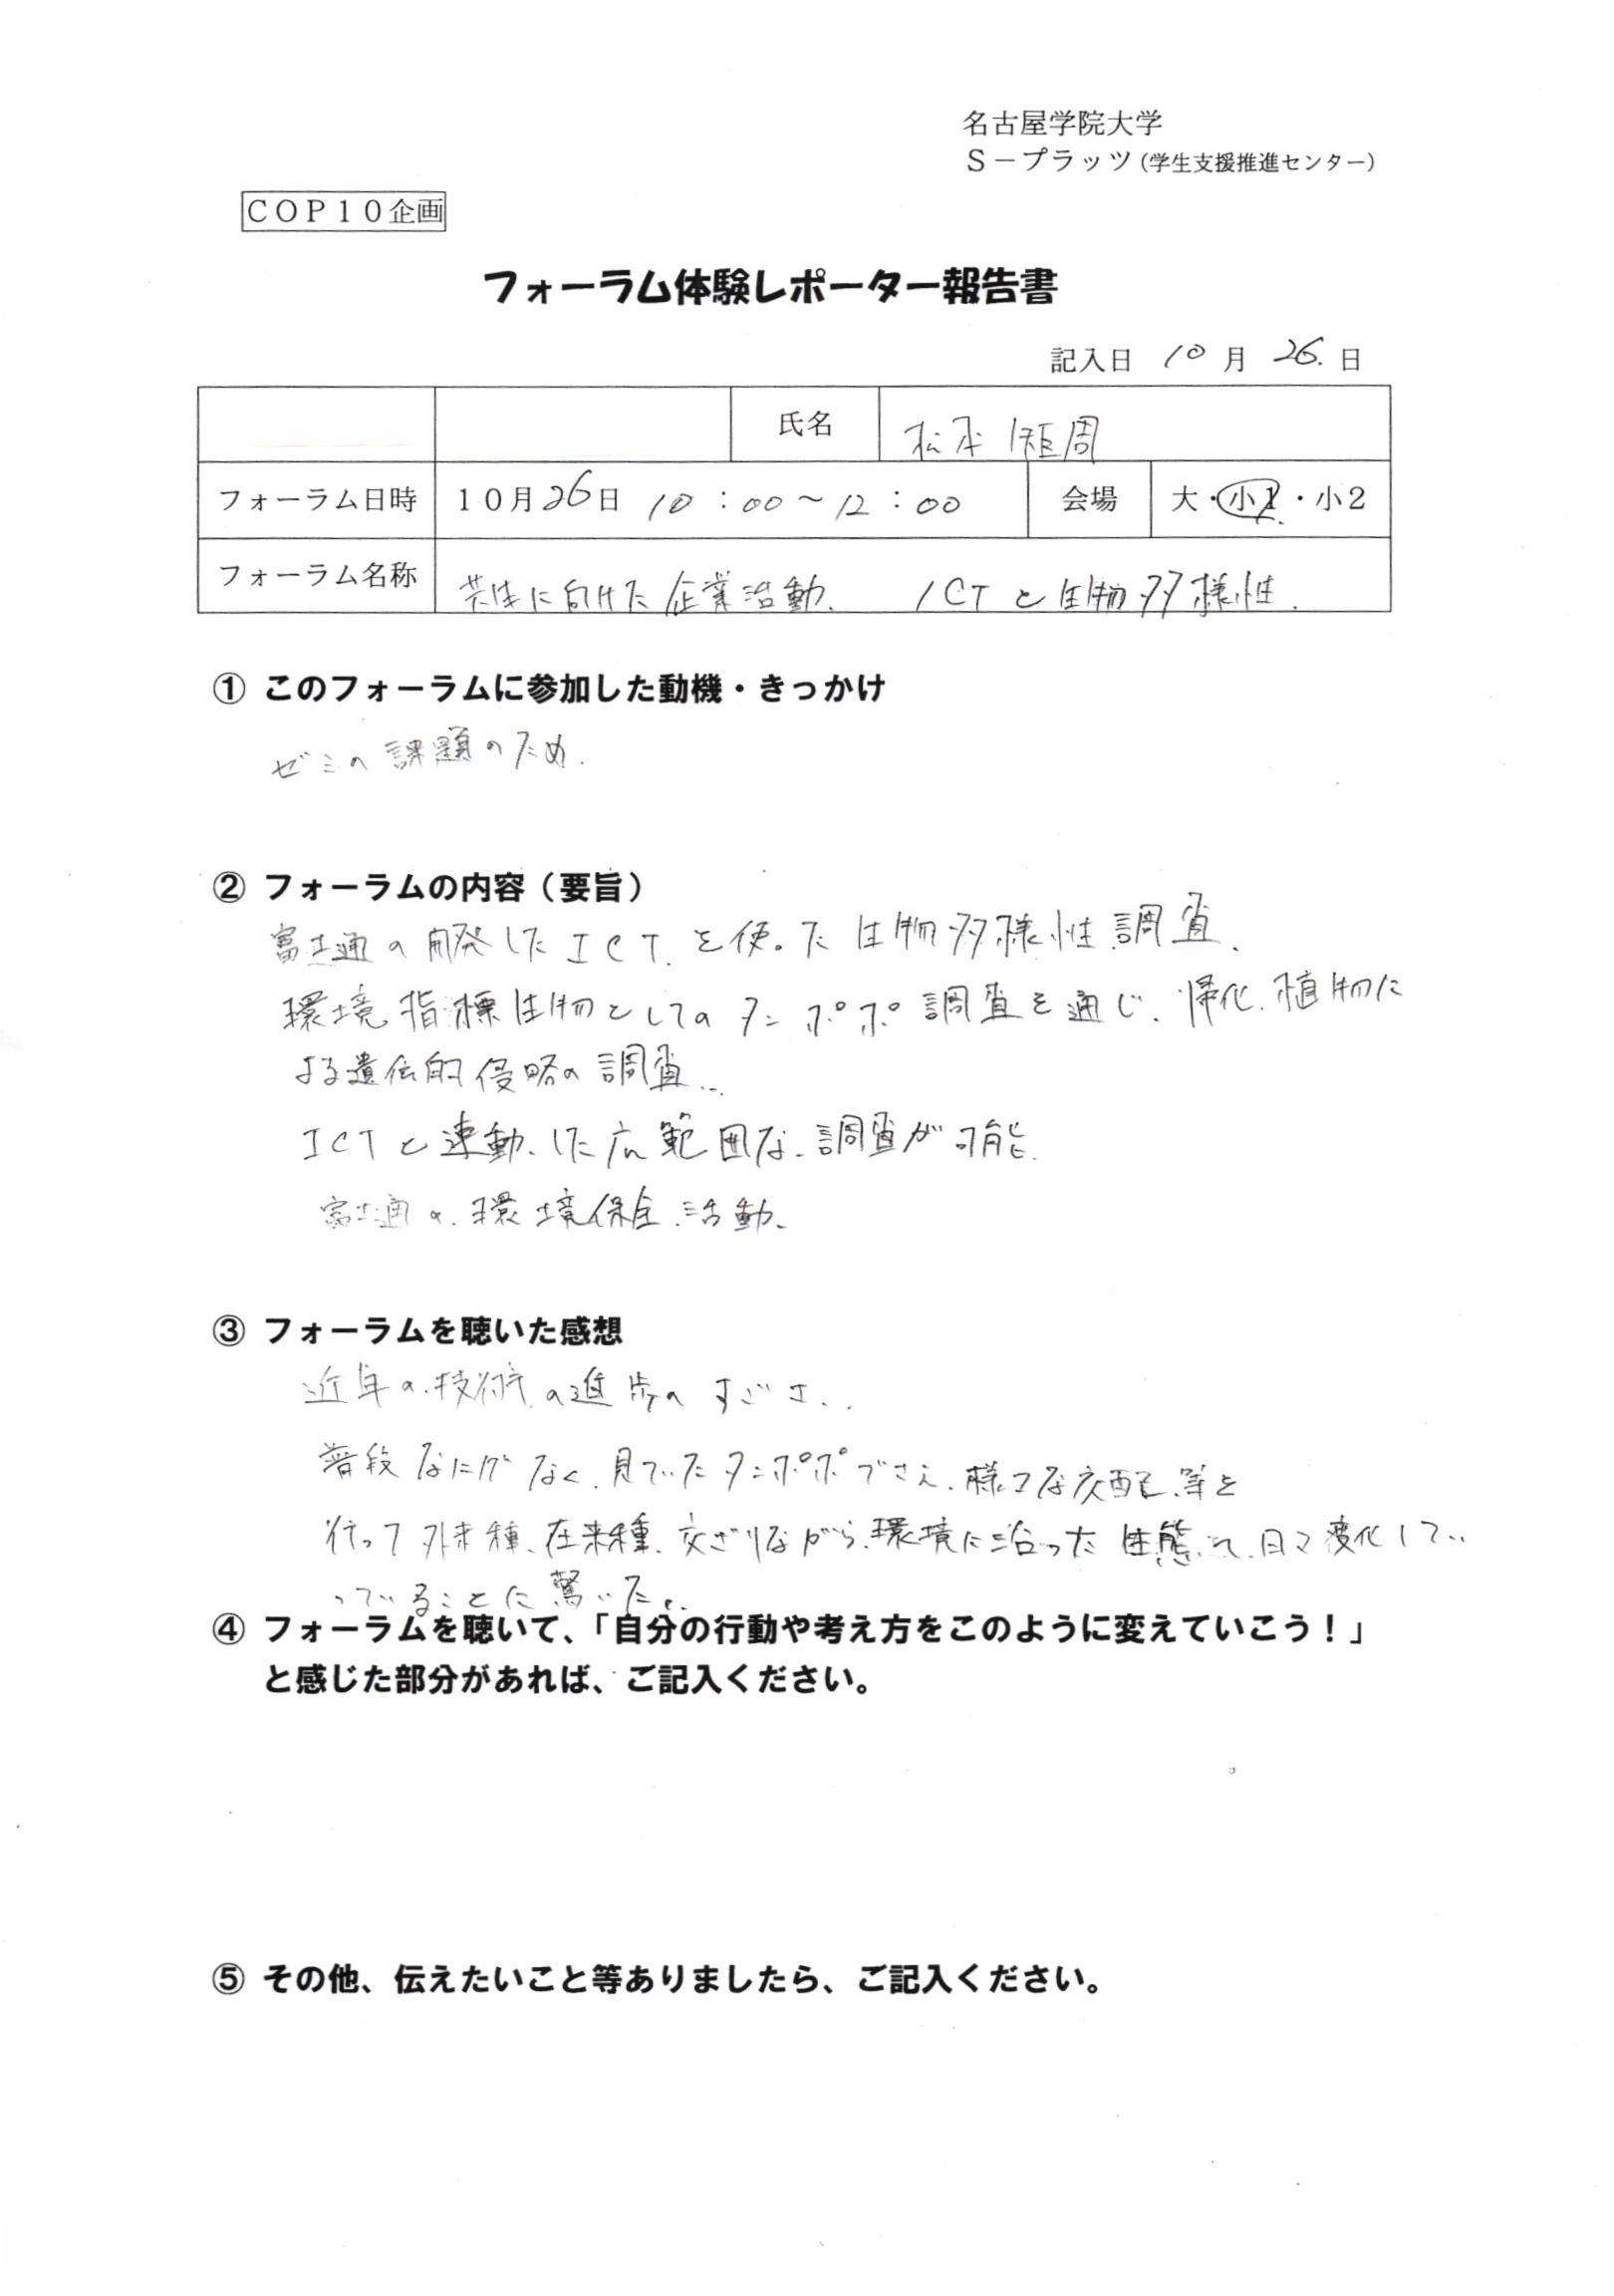 フォーラム体験レポーター報告松本